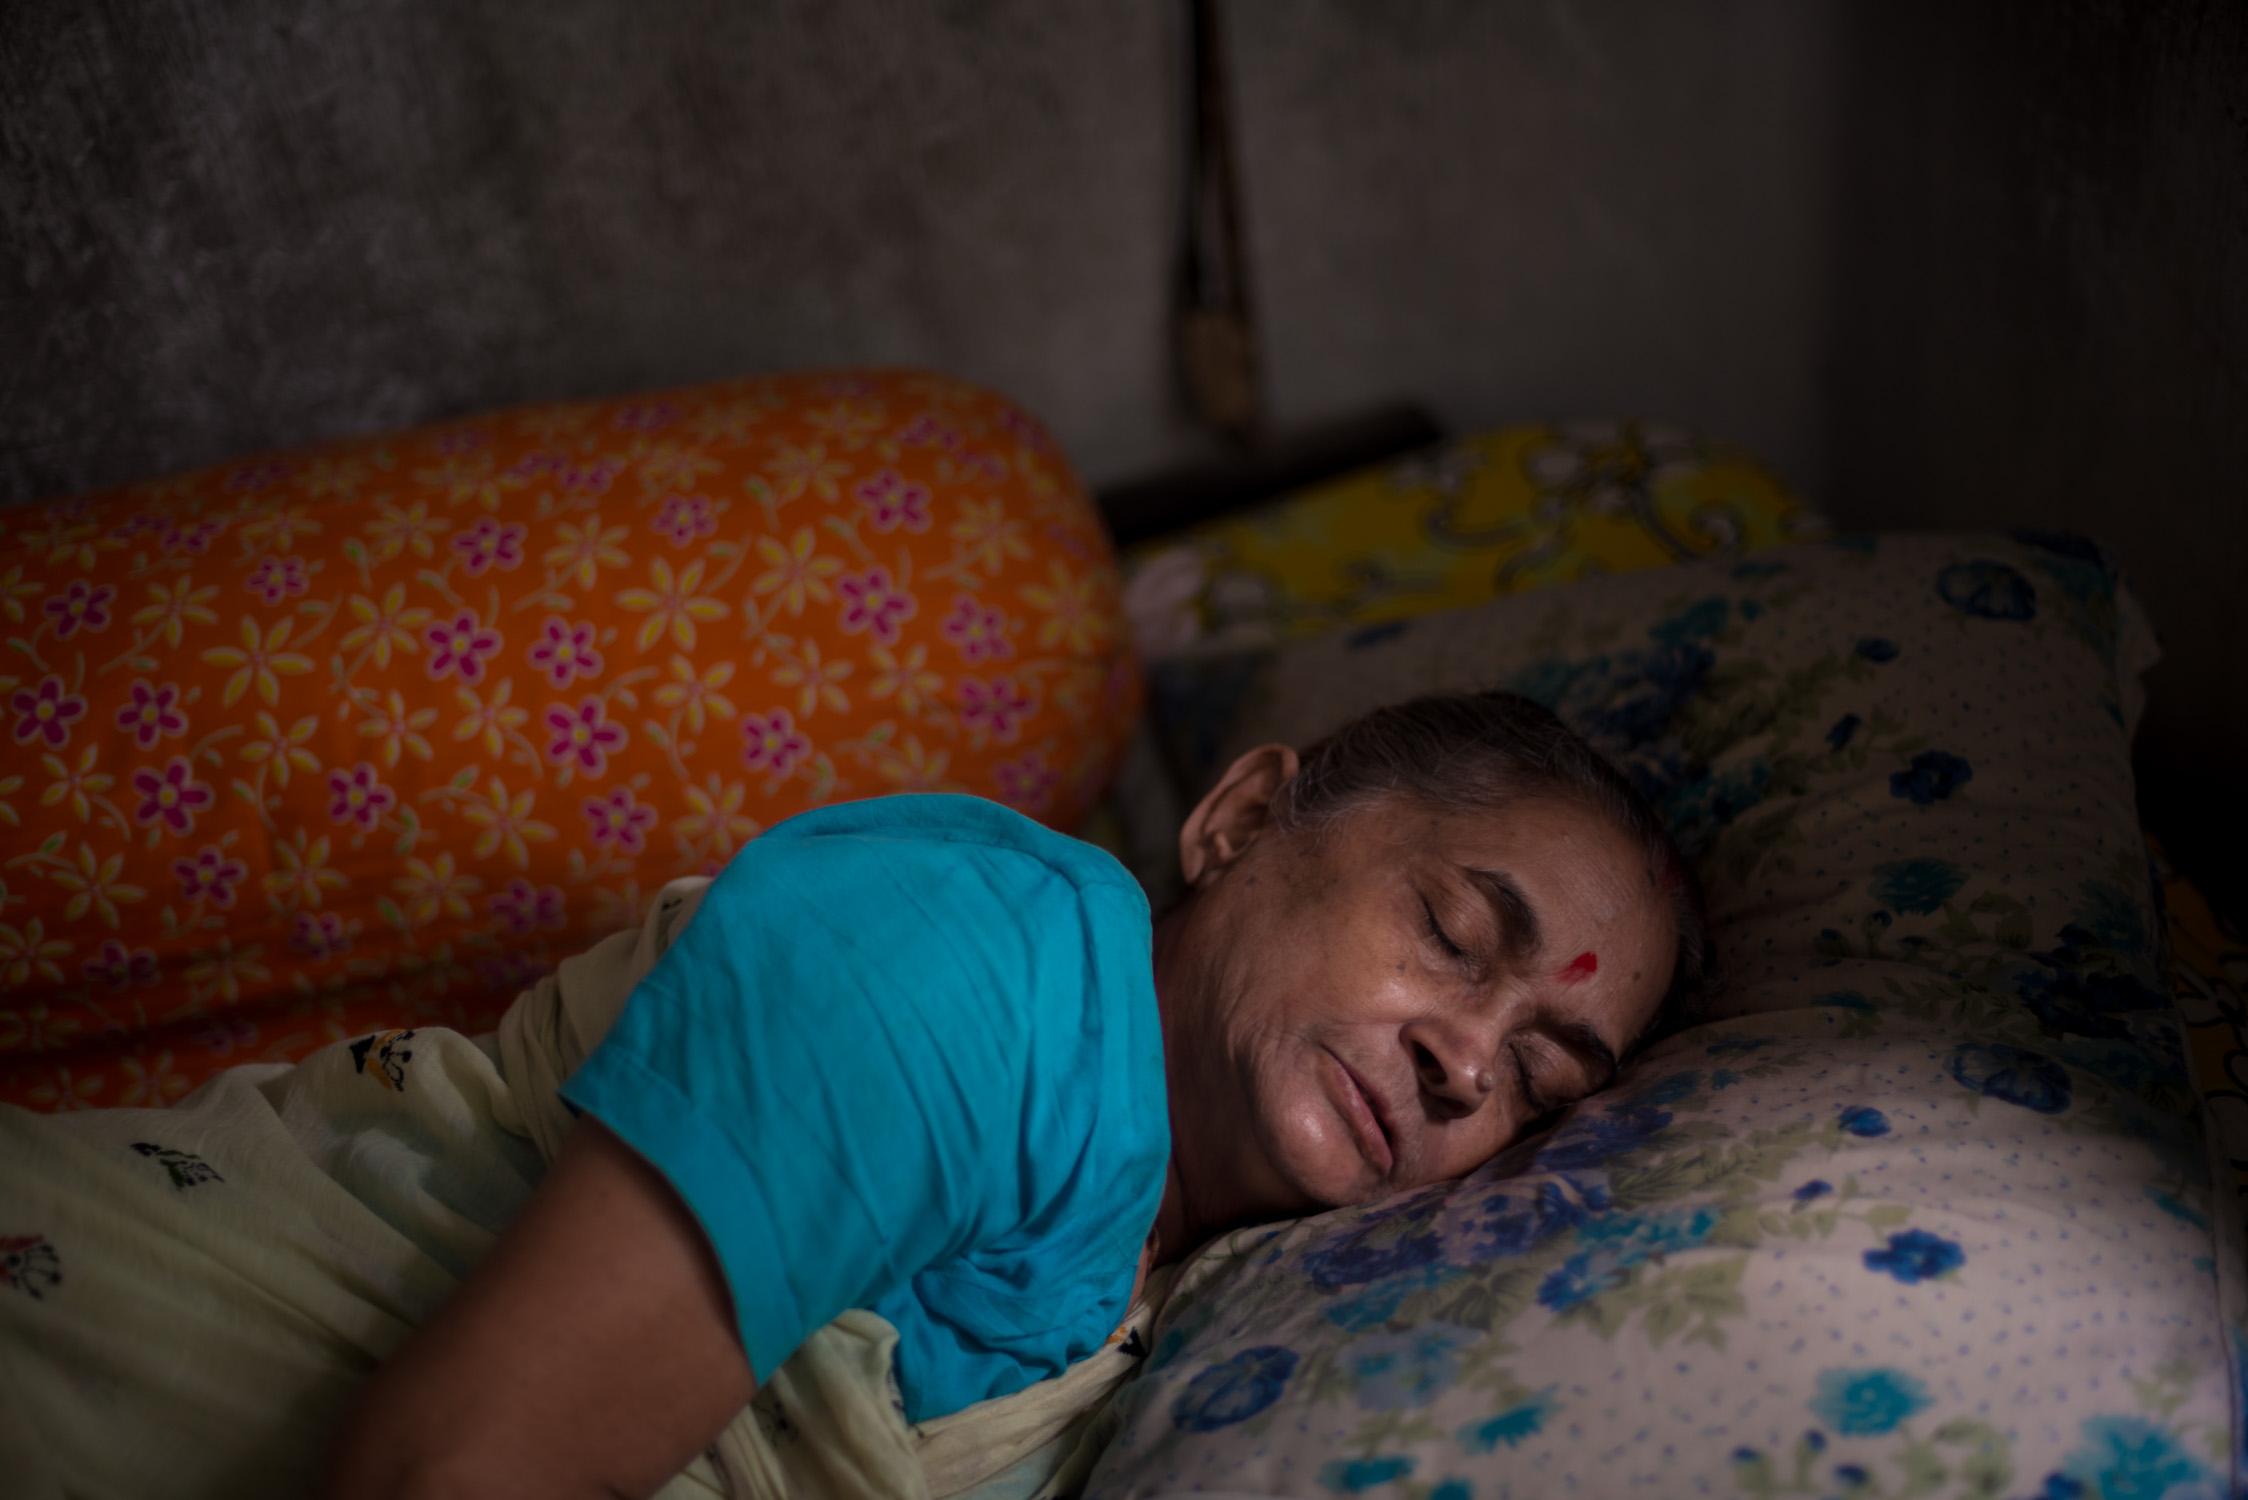 10_Chhandak Pradhan-journal-Living_in_Memory-old_dementia_grandparents.jpg